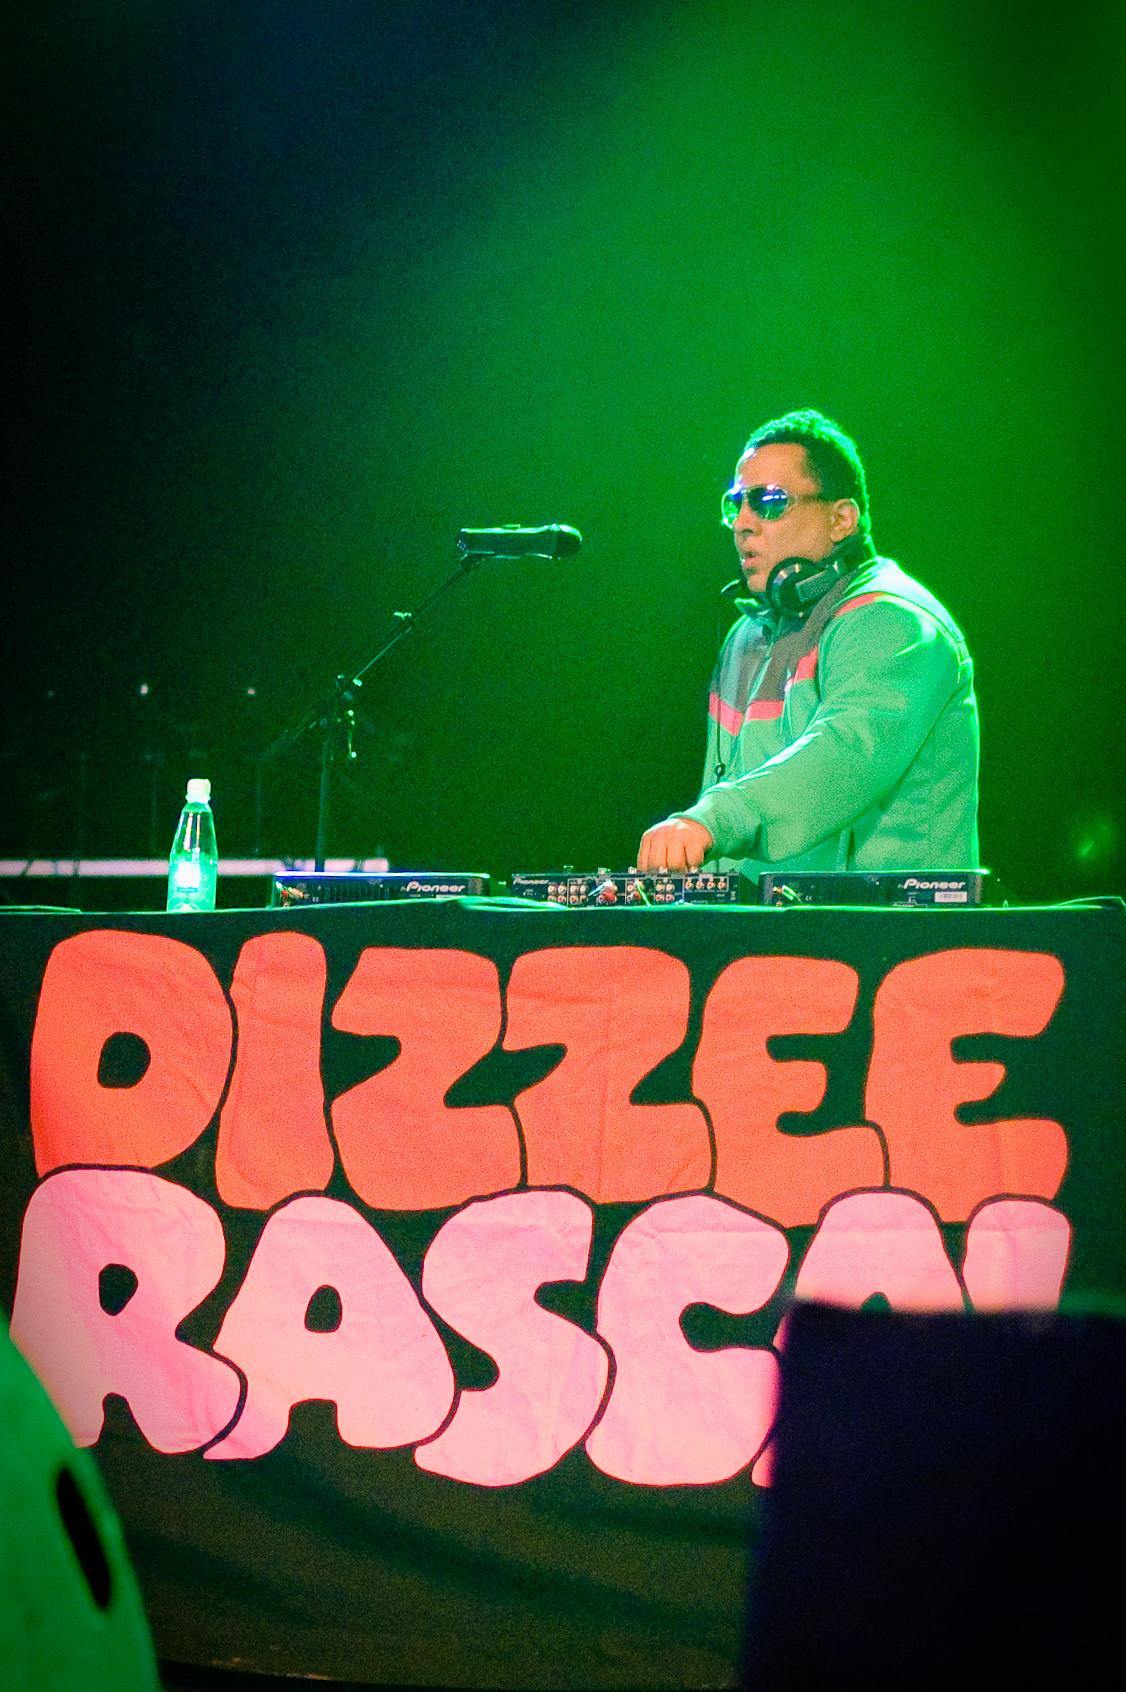 DJ Semtex - Wikipedia